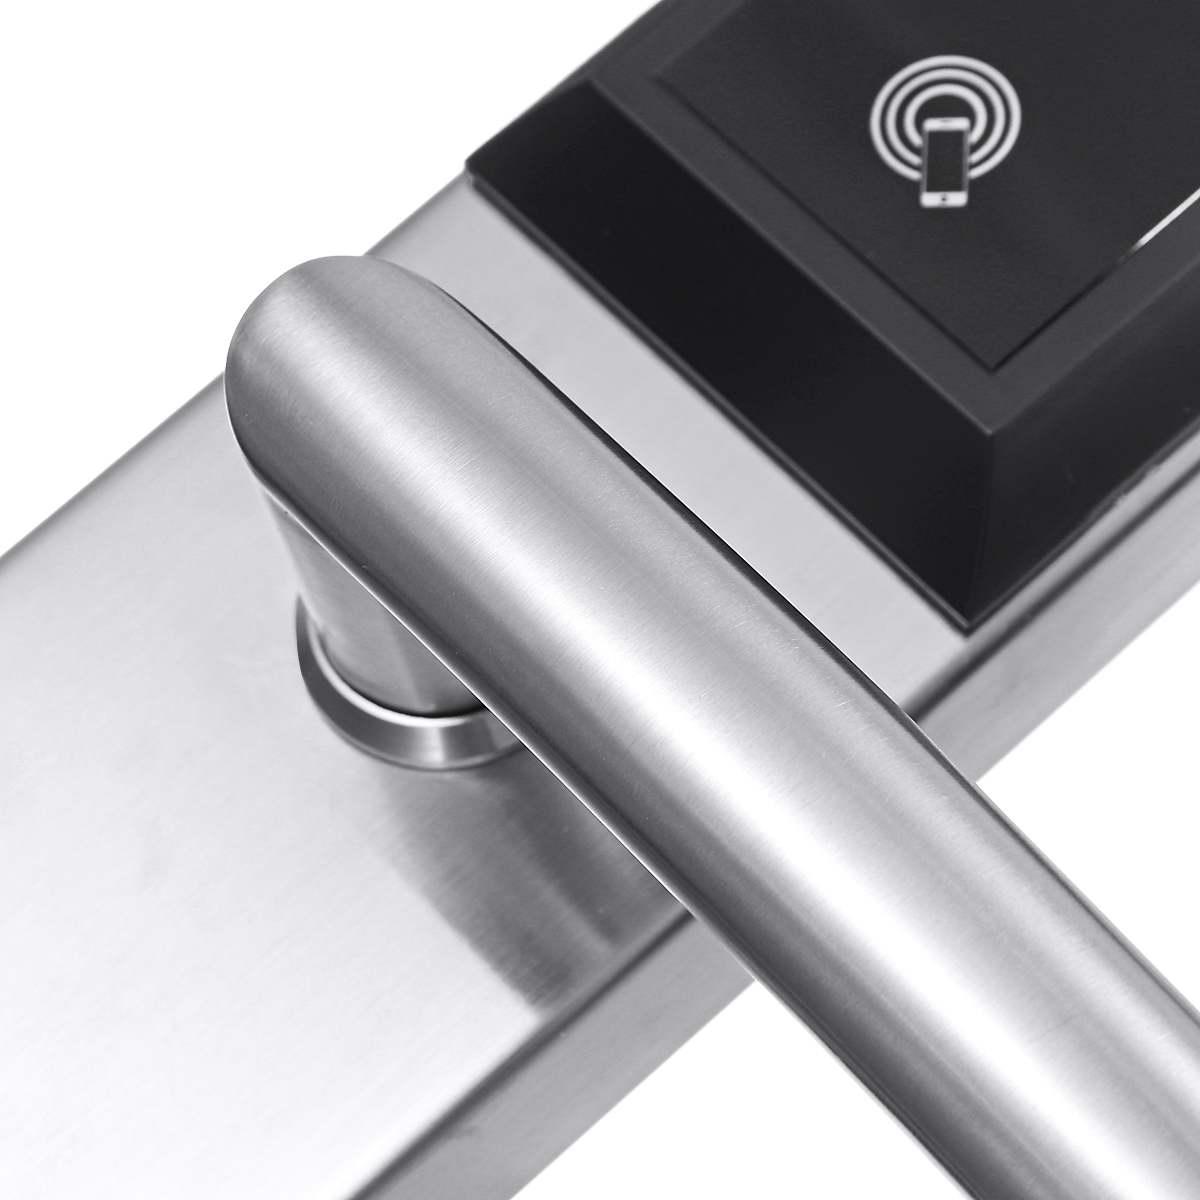 Verrouillage bluetooth App électronique numérique serrure de porte Wifi contrôle tactile clavier Code RFID carte sans clé entrée intelligente serrures USB - 4